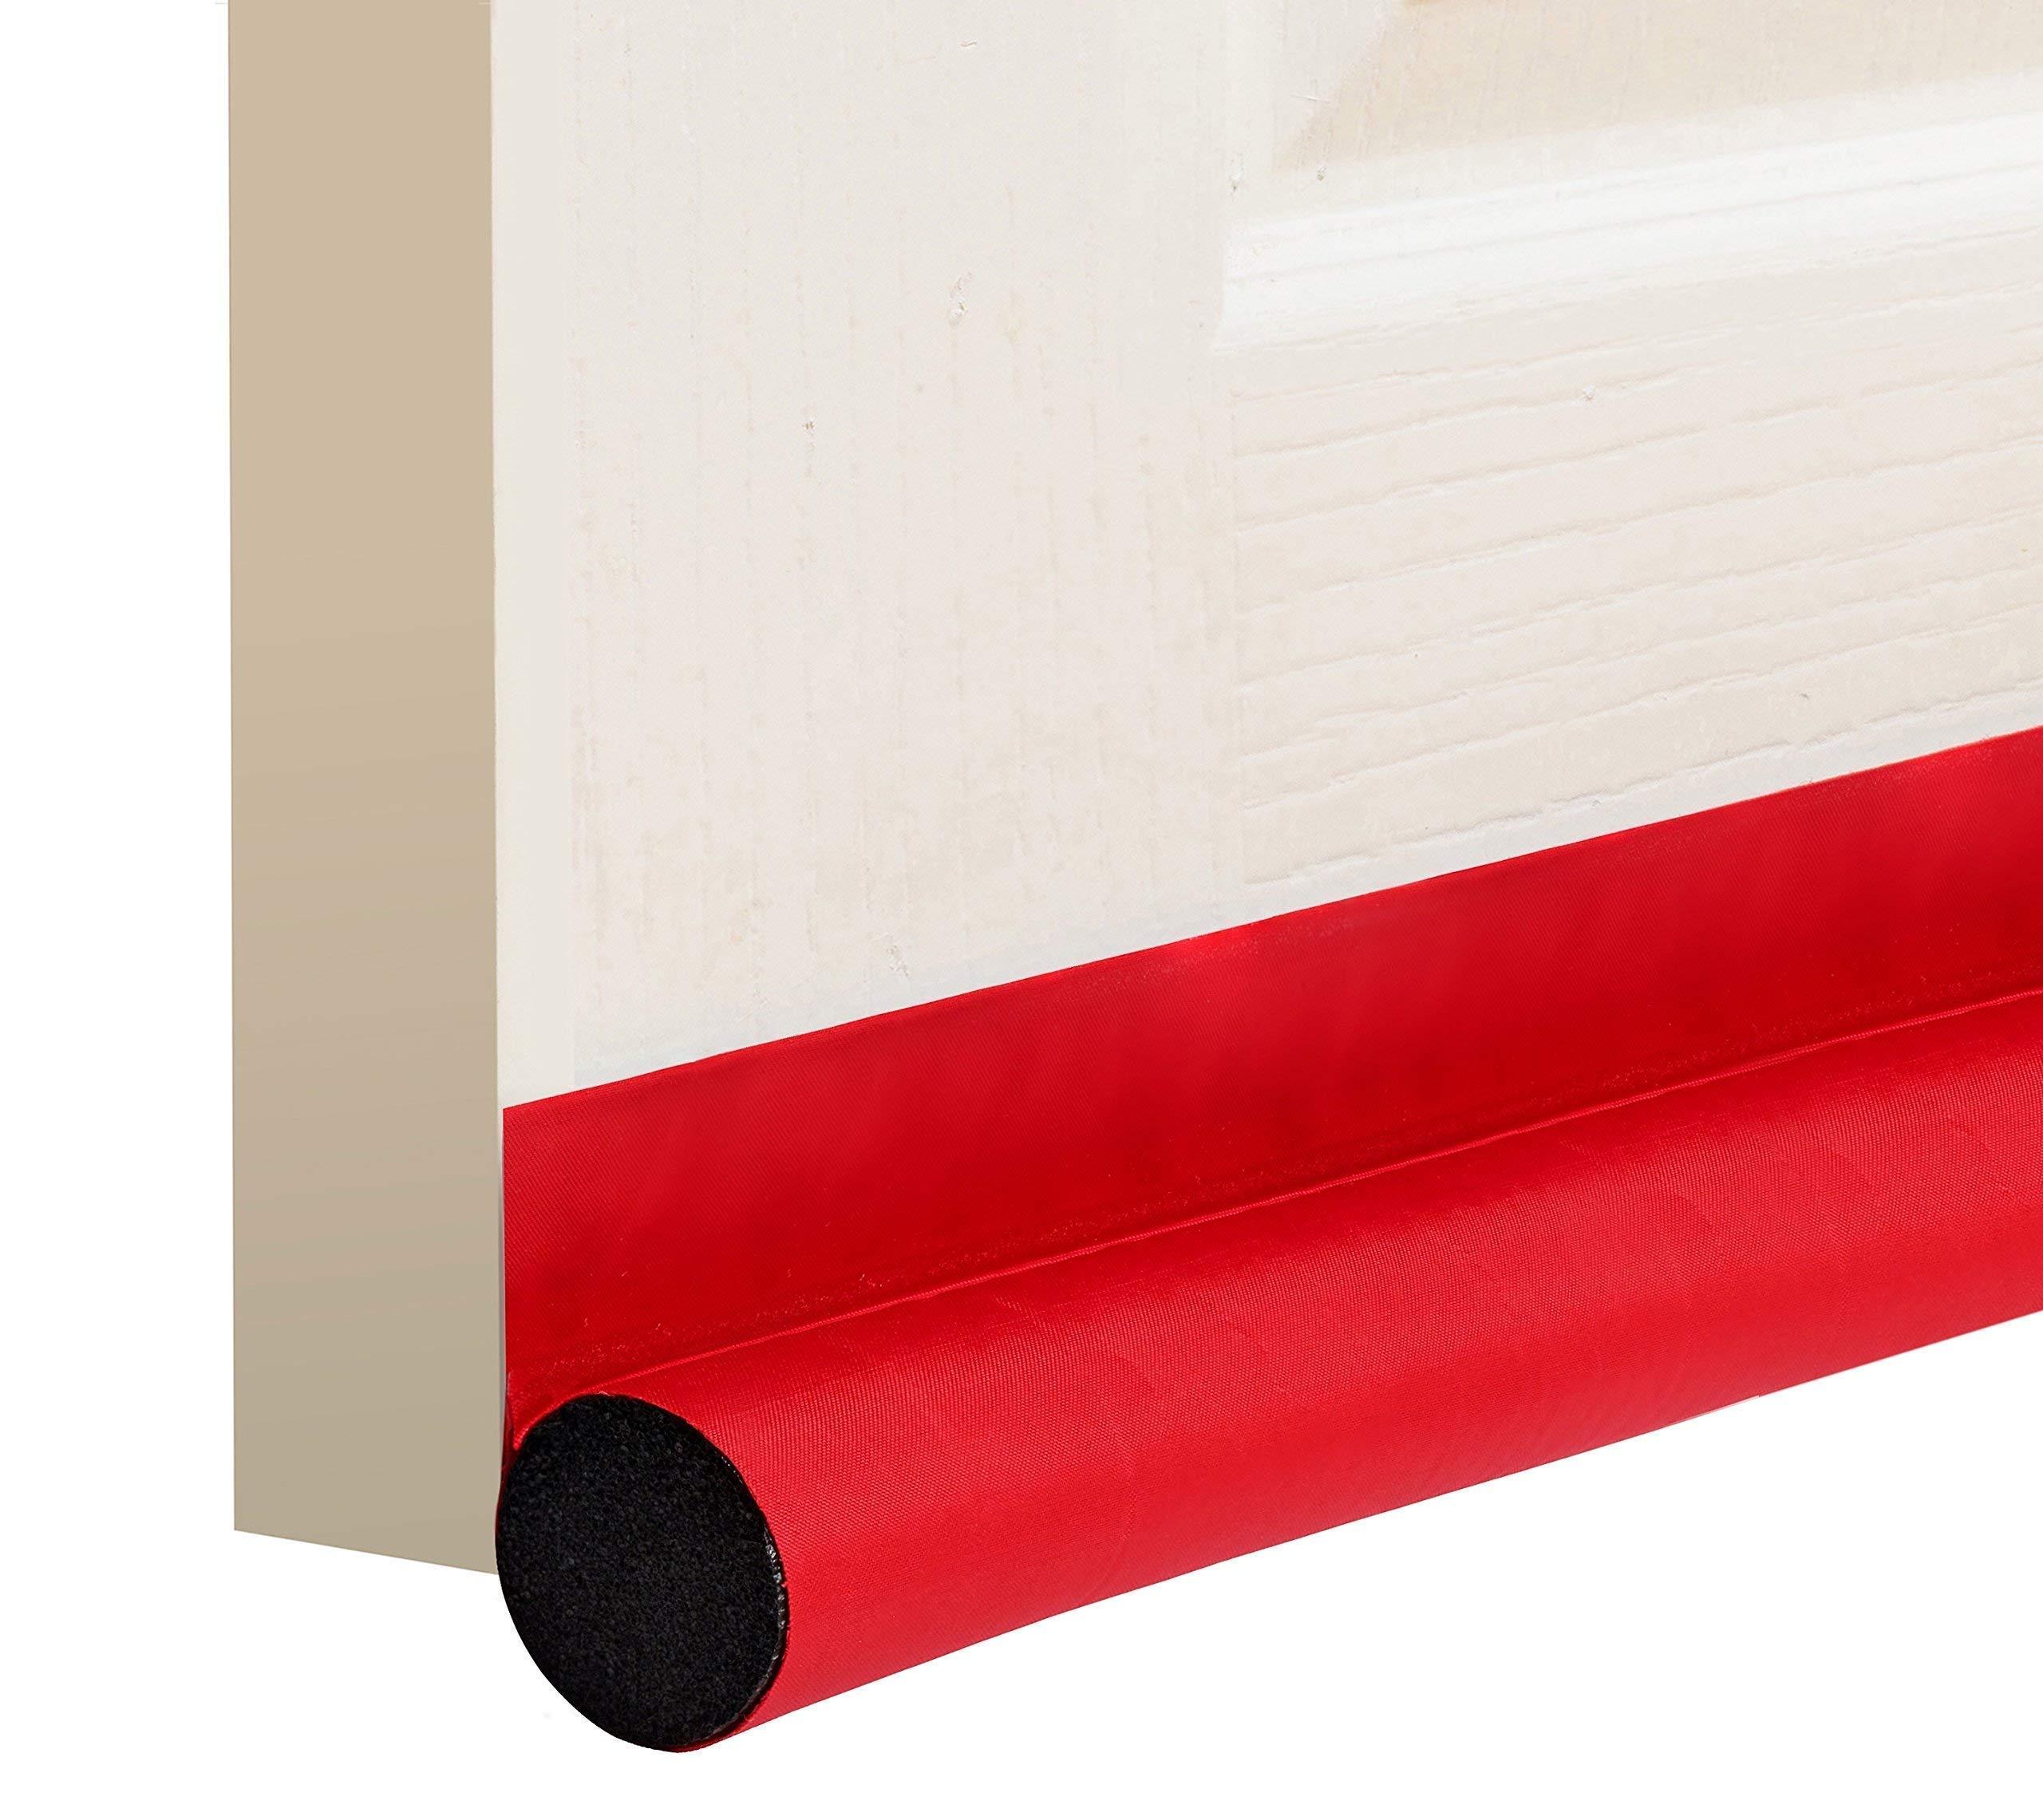 """deeToolMan Door Draft Stopper 36"""" : One Sided Door Insulator with Hook and Loop Self Adhesive Tape Seal Fits to Bottom of Door/Door Weather Stripping(Red)"""